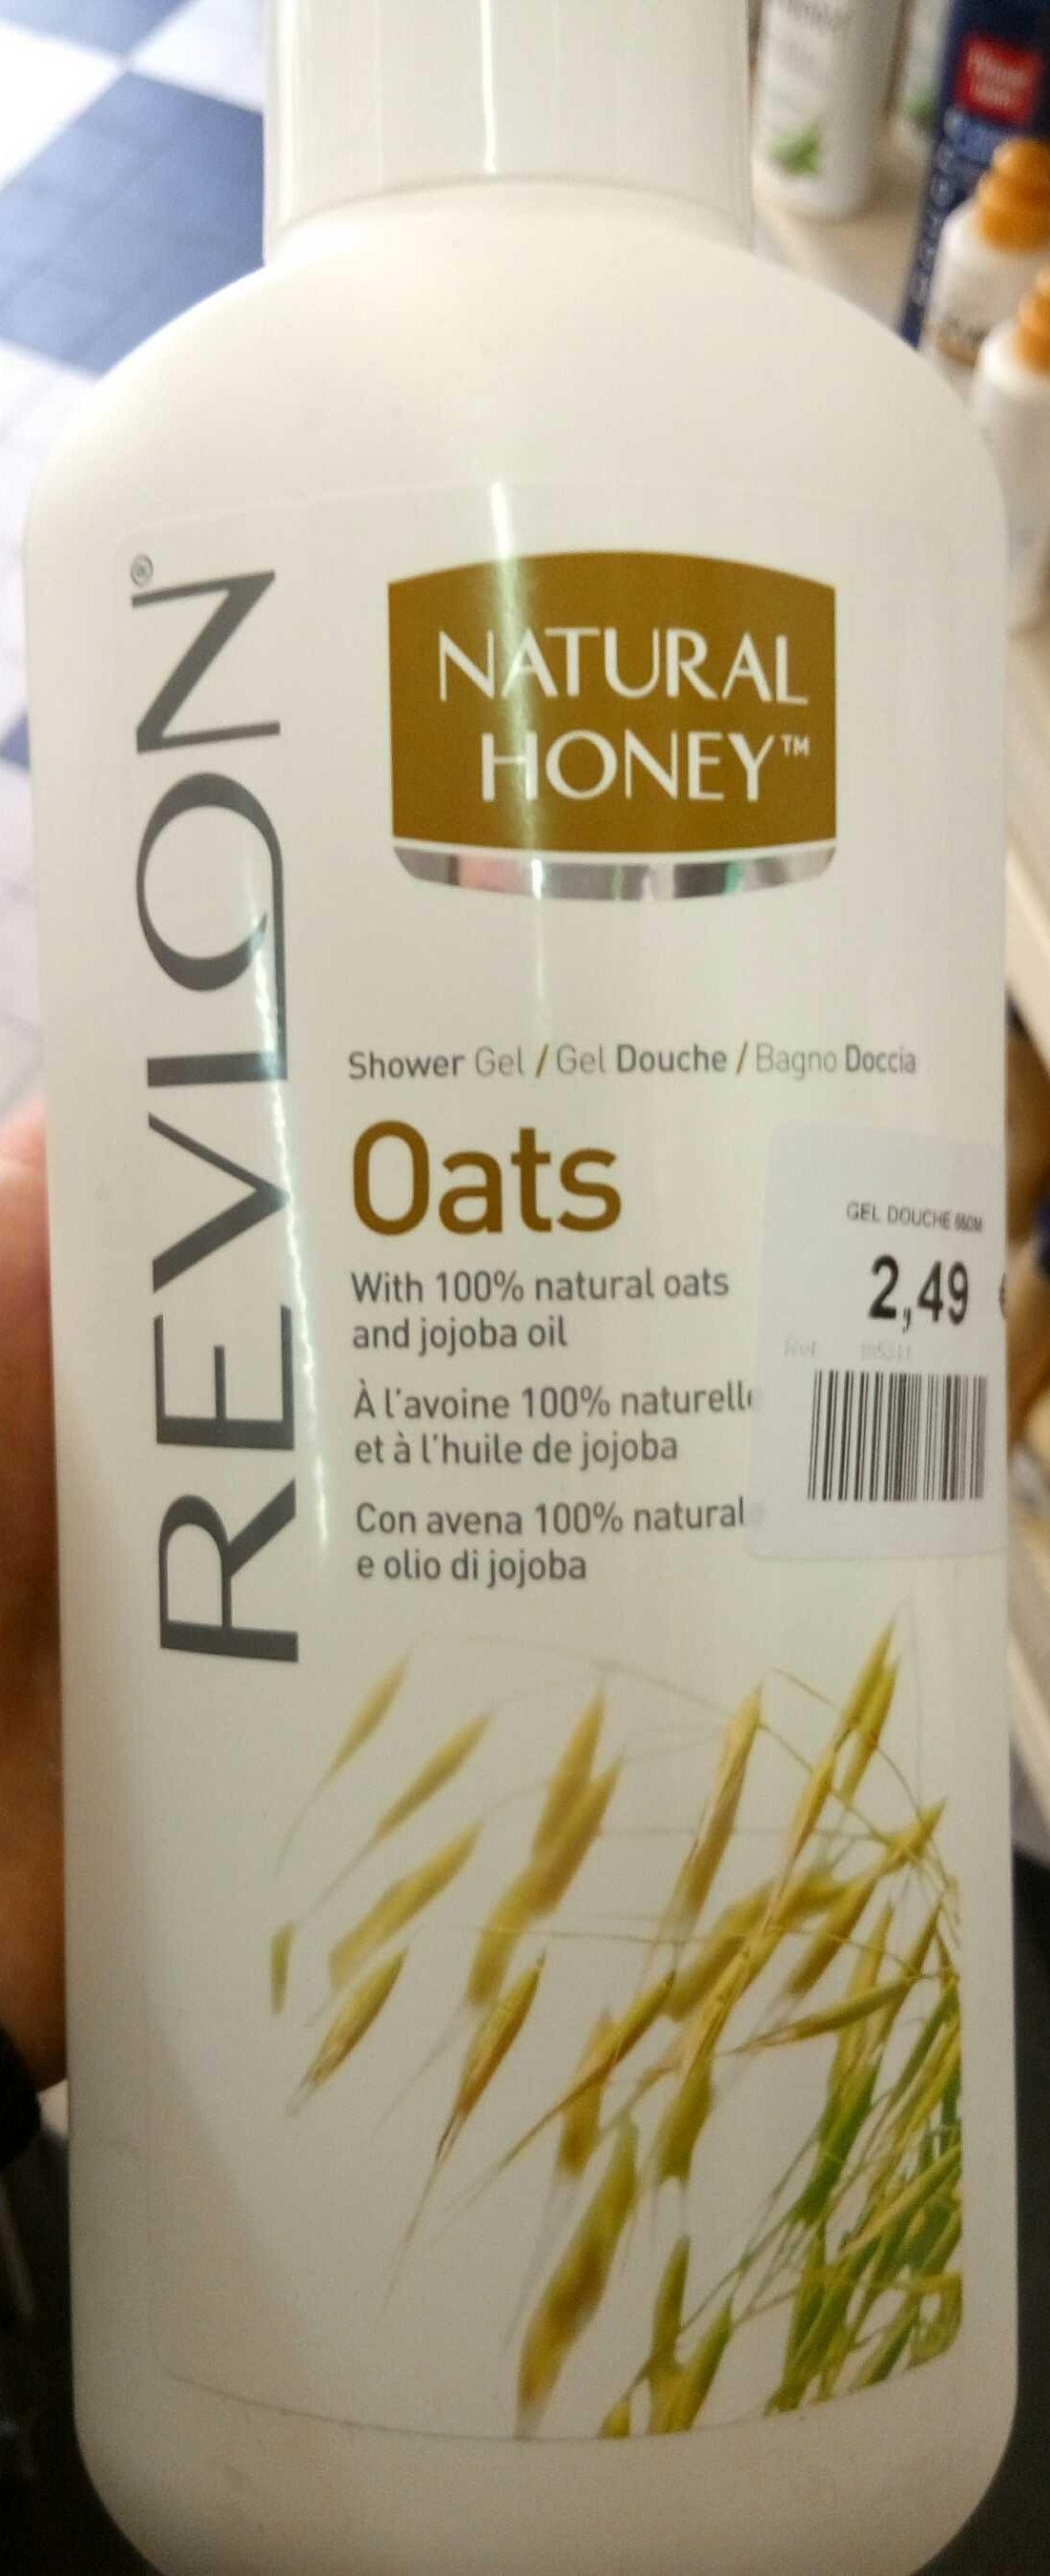 Natural Honey Oats - Produit - fr